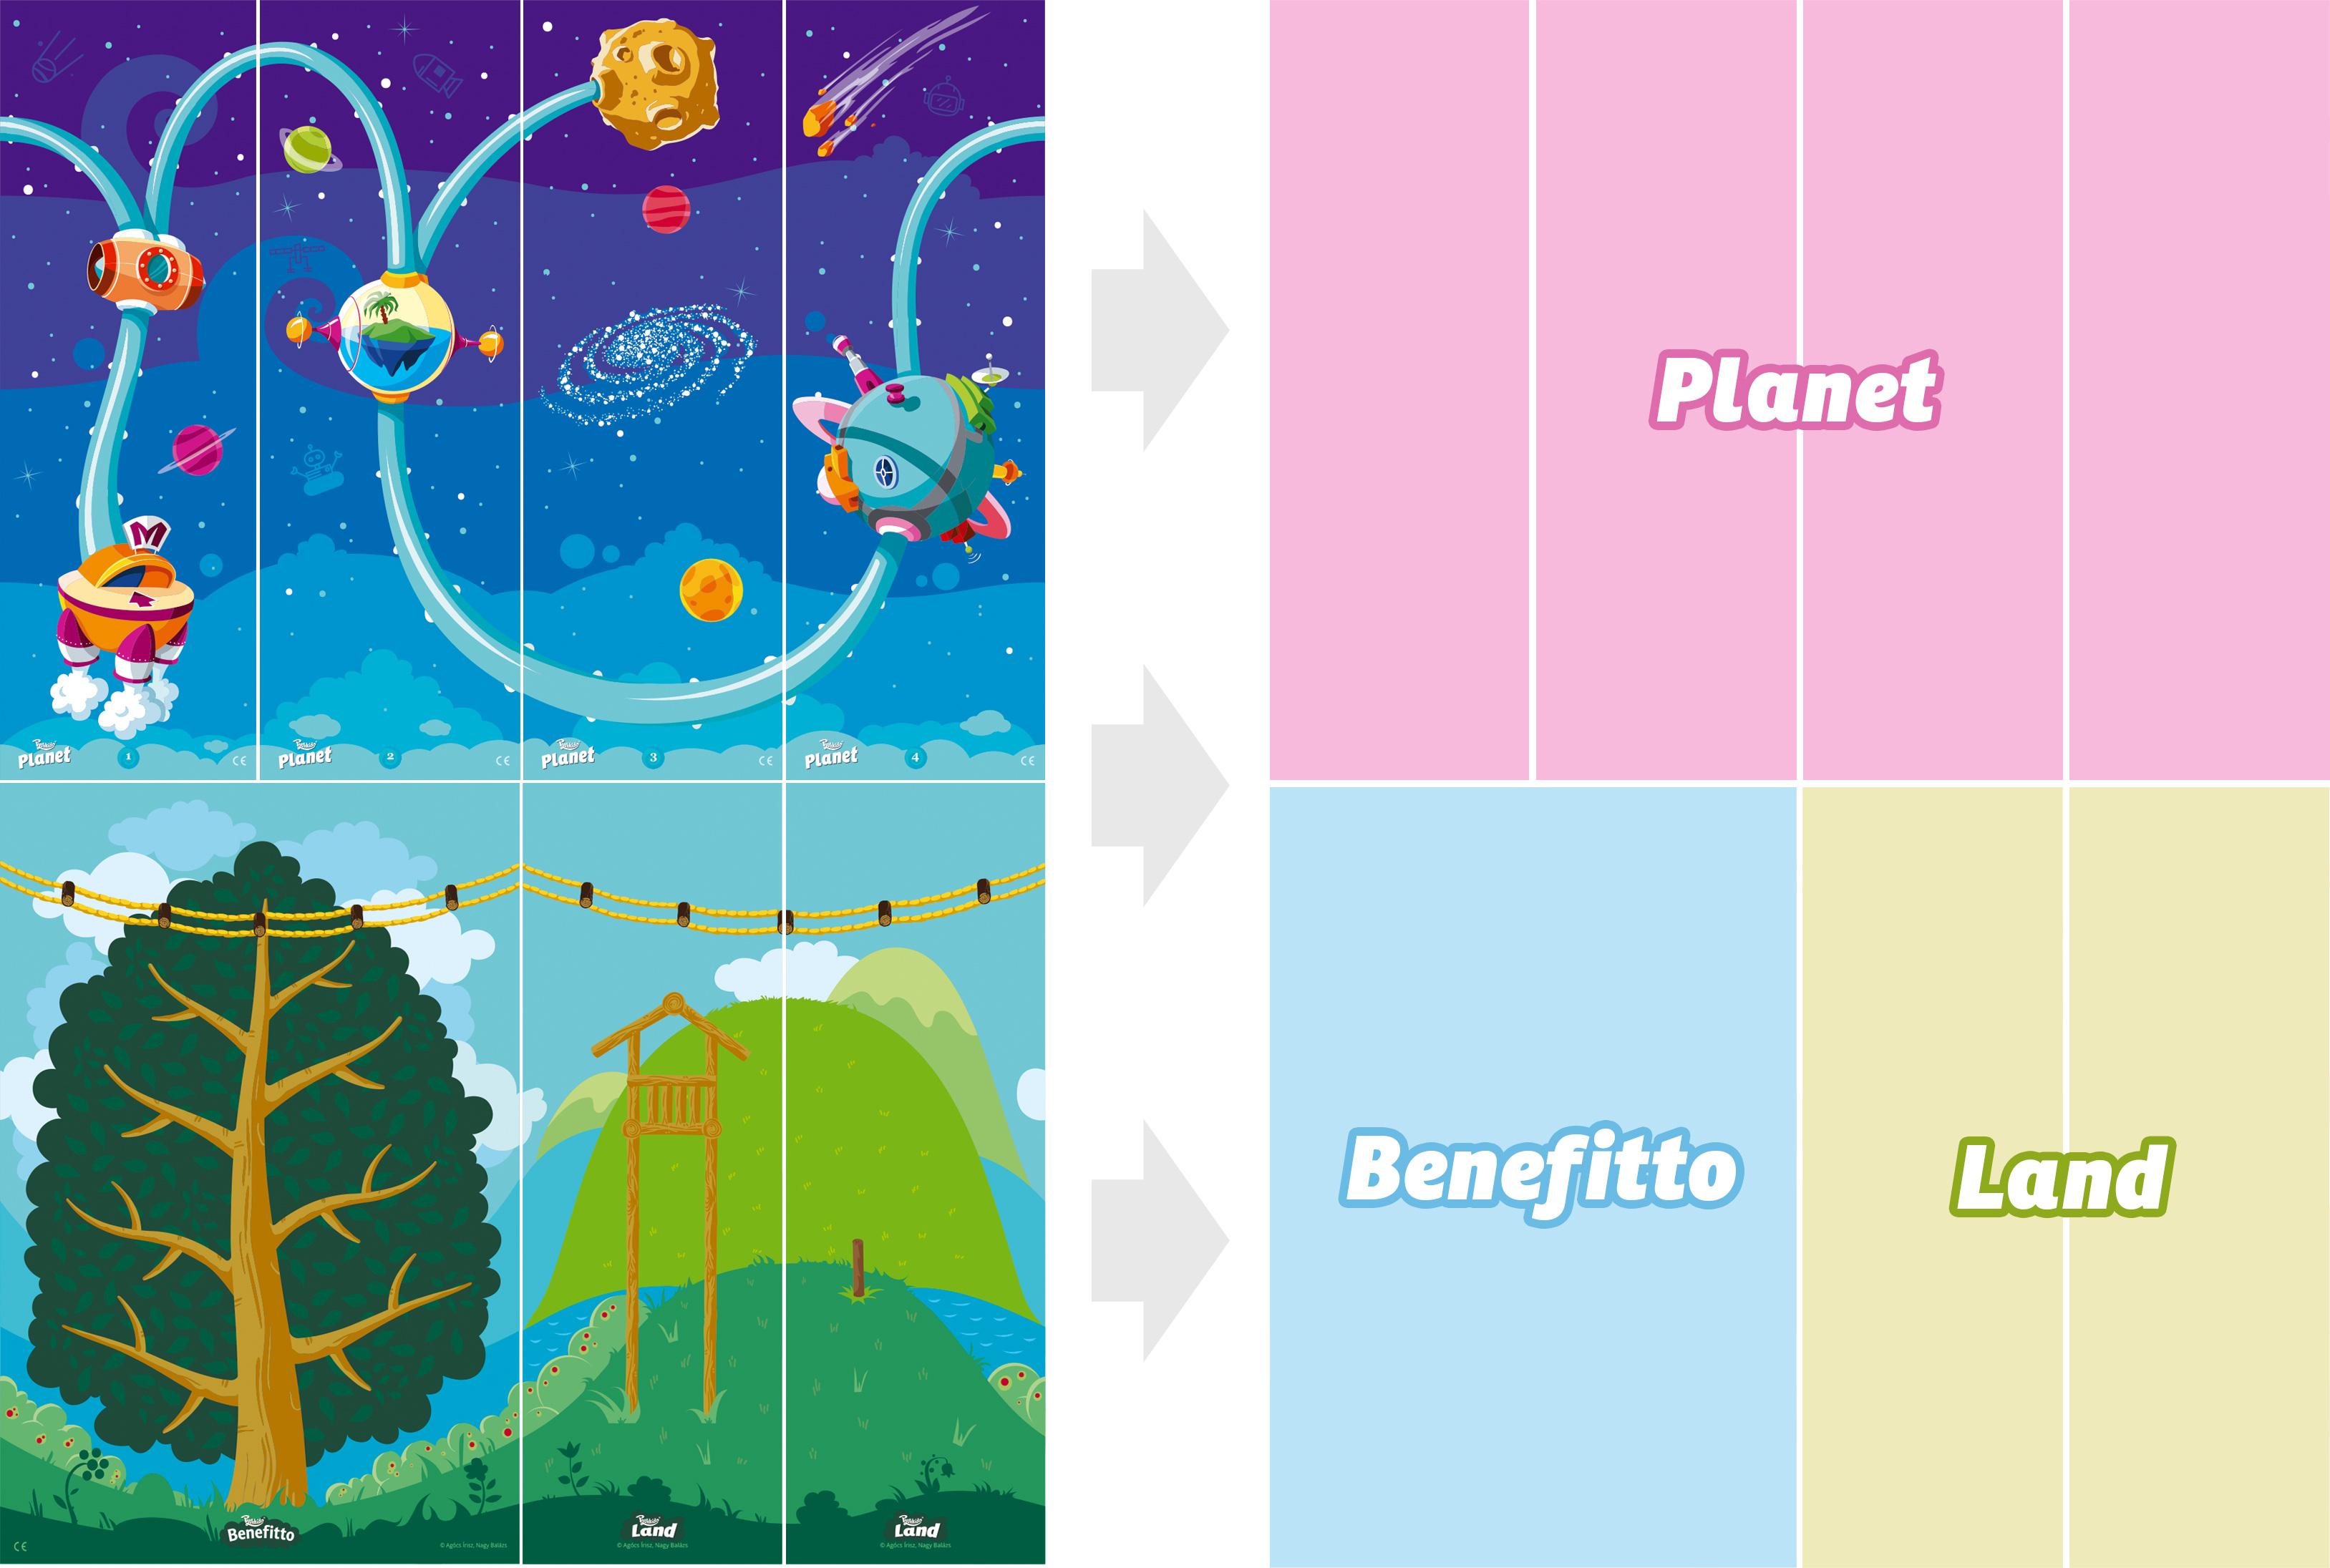 Planet, Land és Benefitto összeillesztése